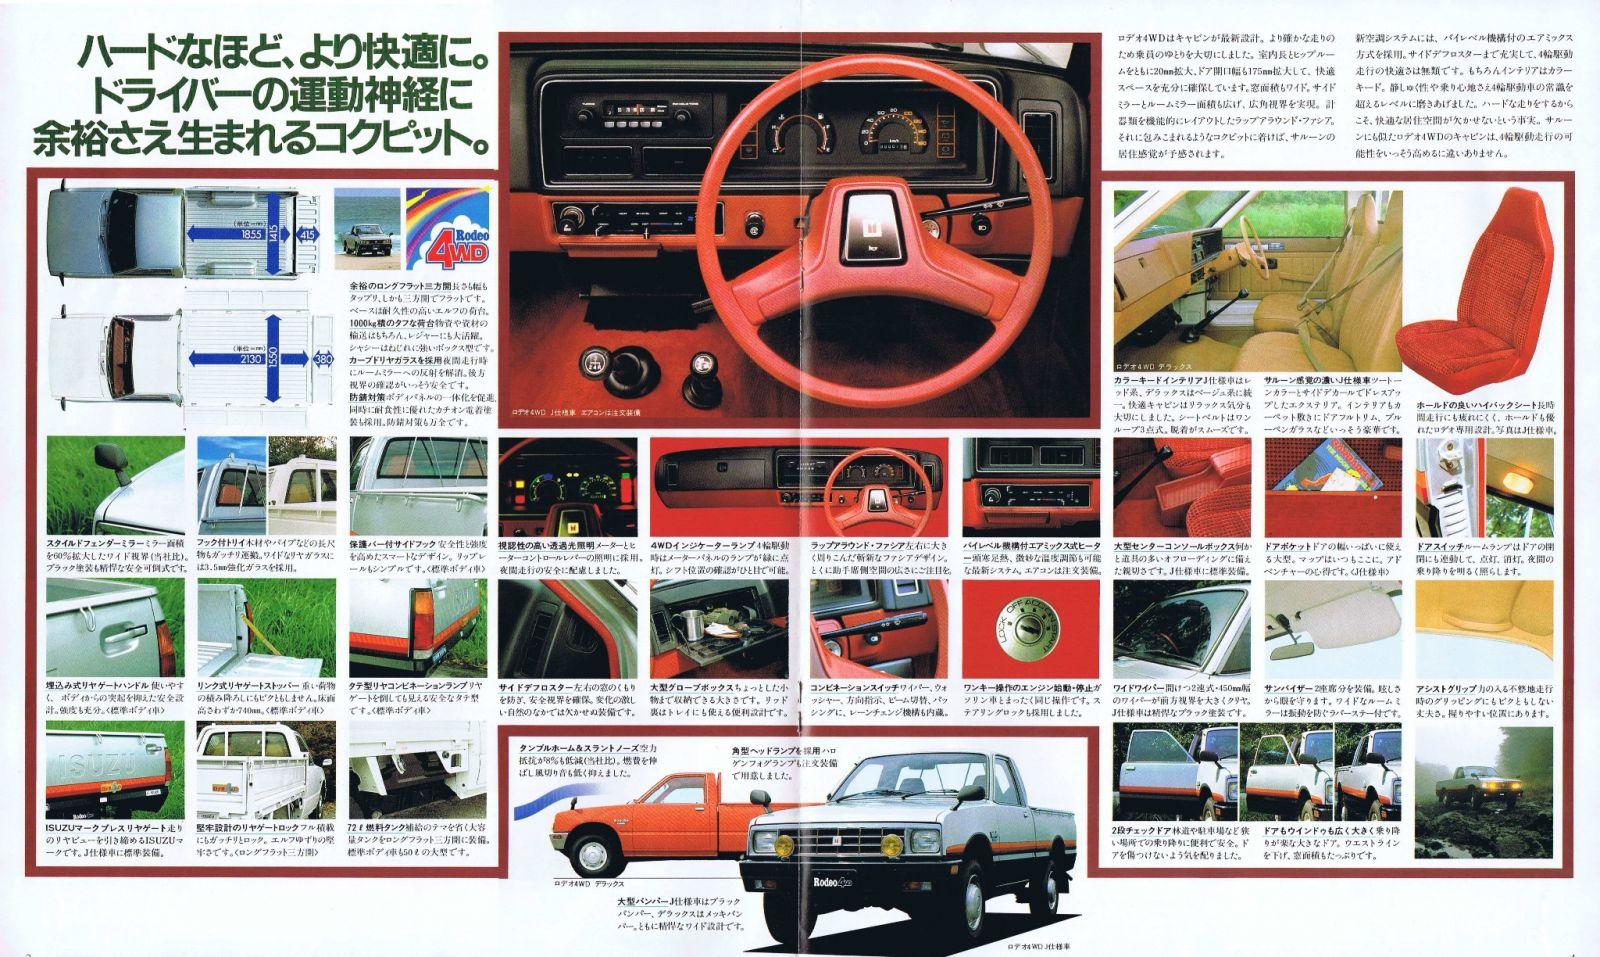 Isuzu Rodeo 4WD N-KBD41 & N-KBD46_04-05.JPG